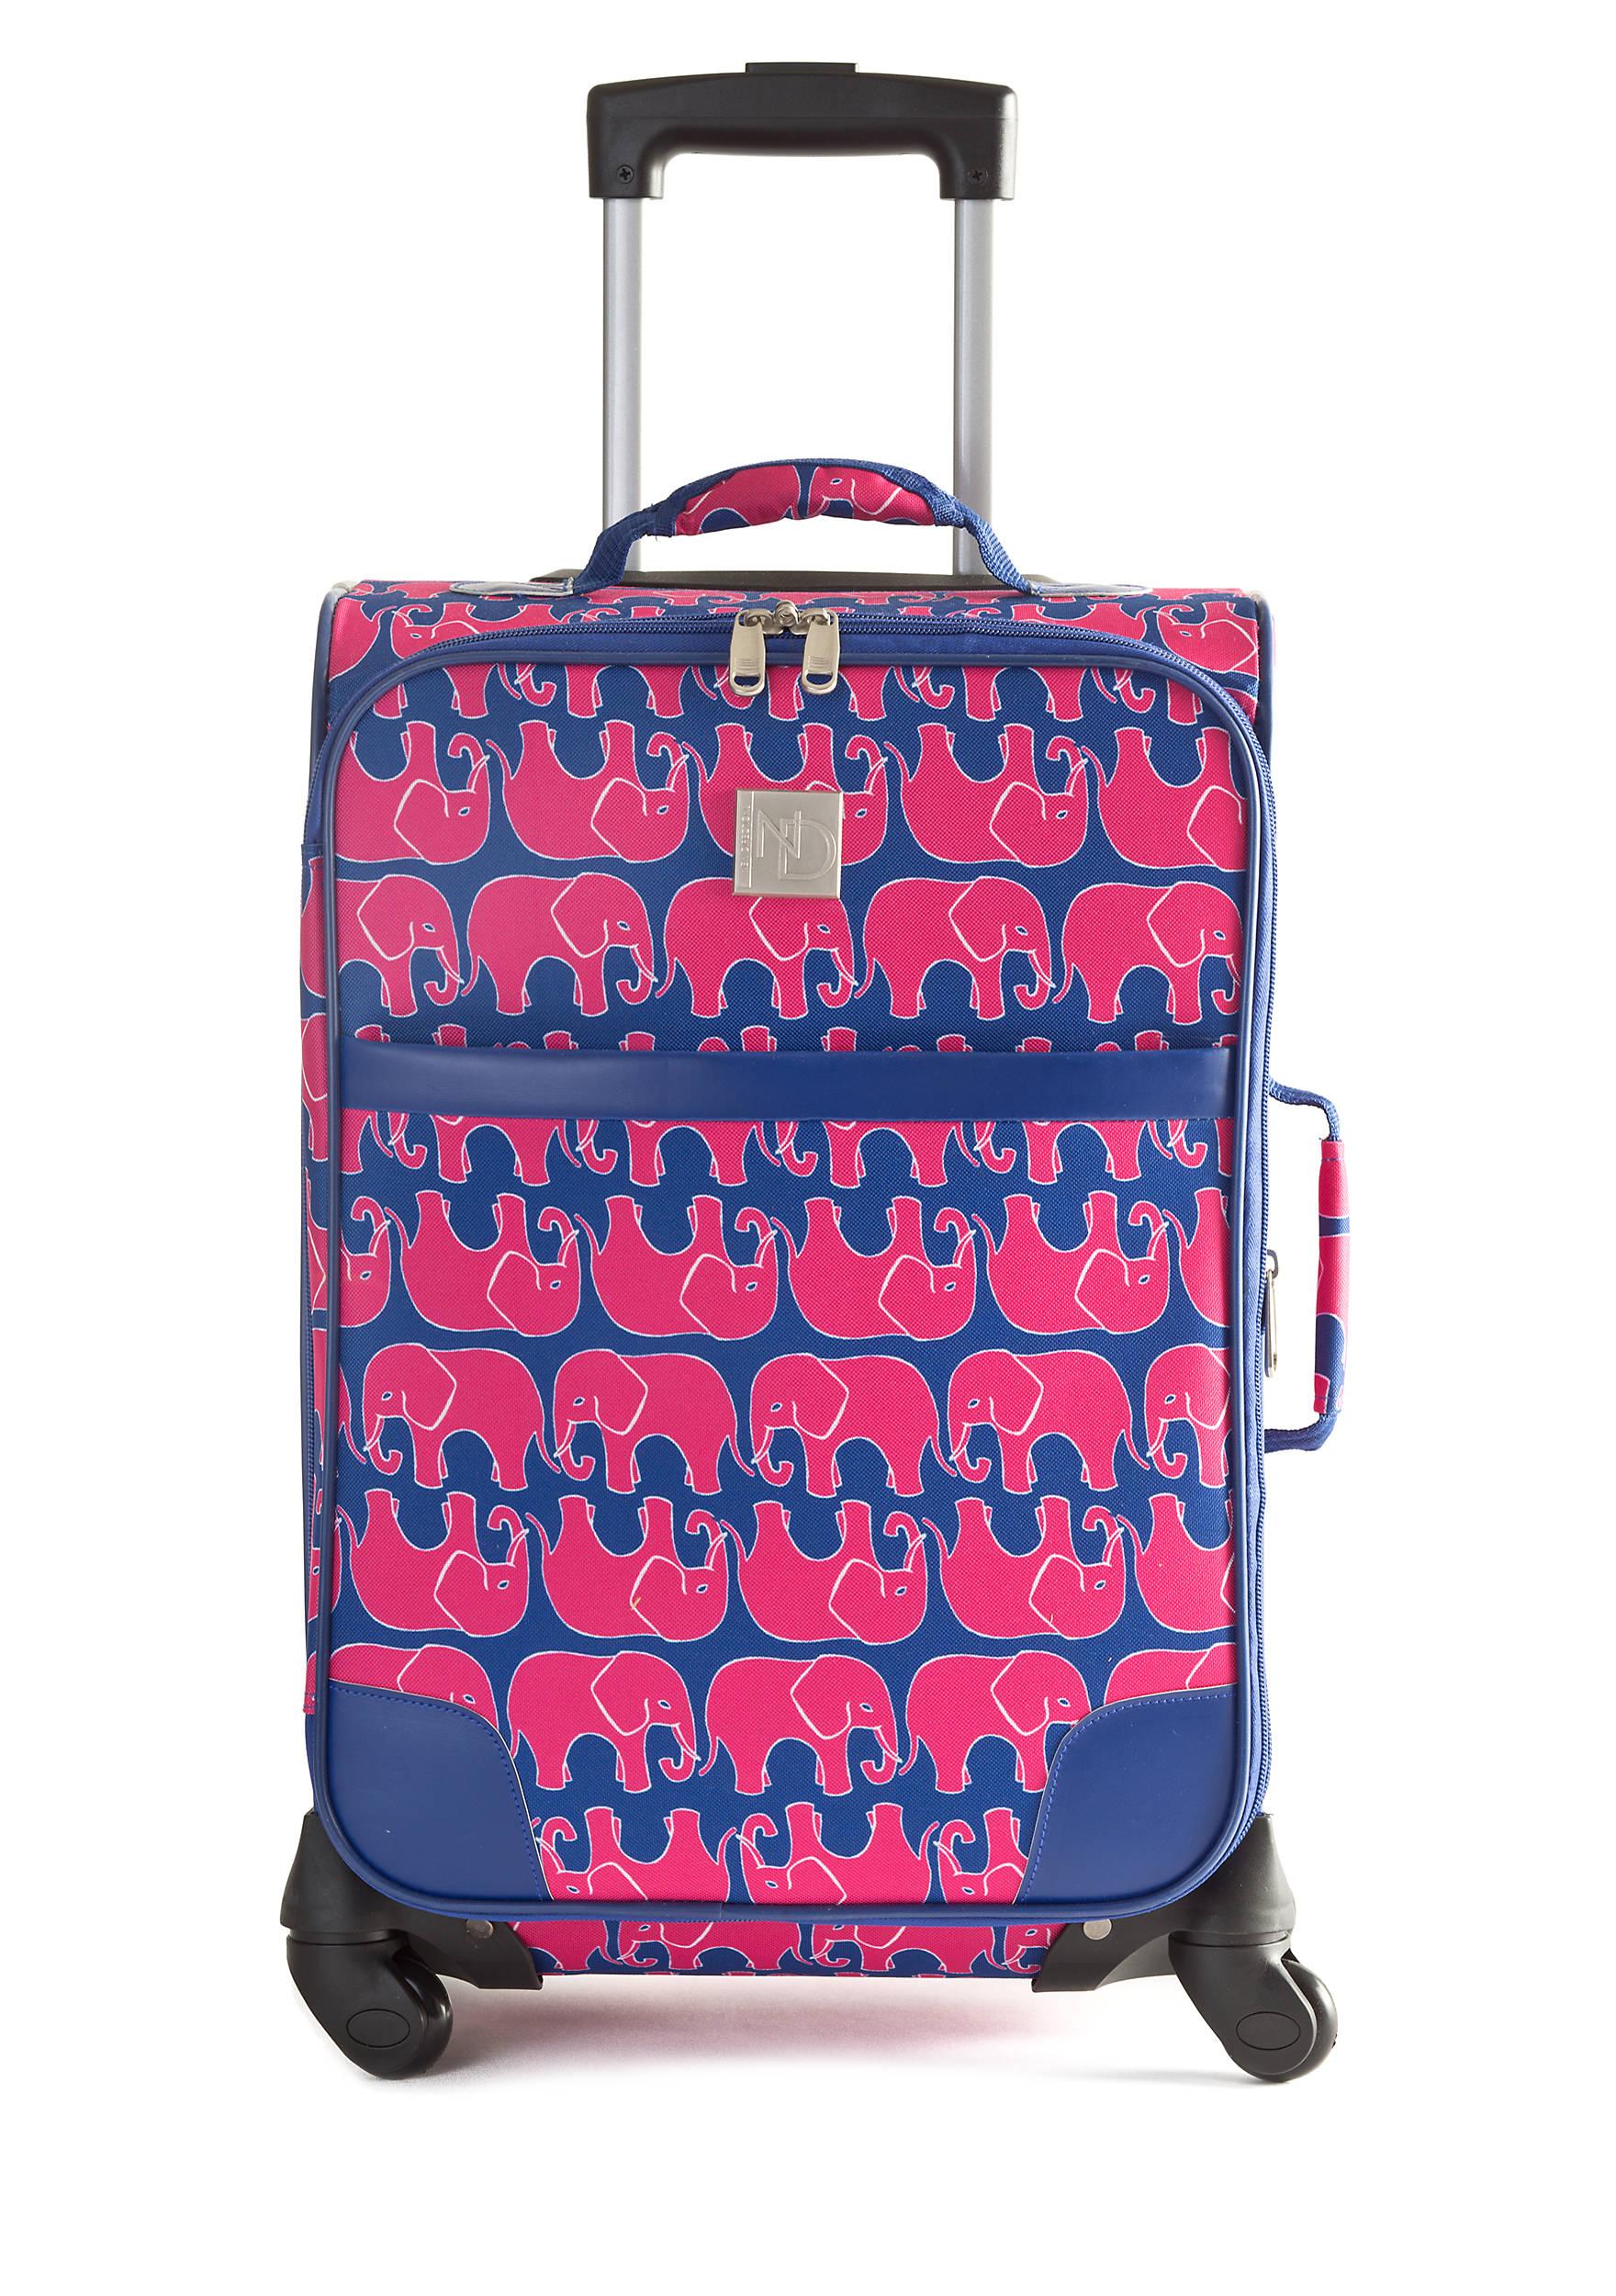 Luggage suitcases travel belk i fly free elephant magicingreecefo Choice Image